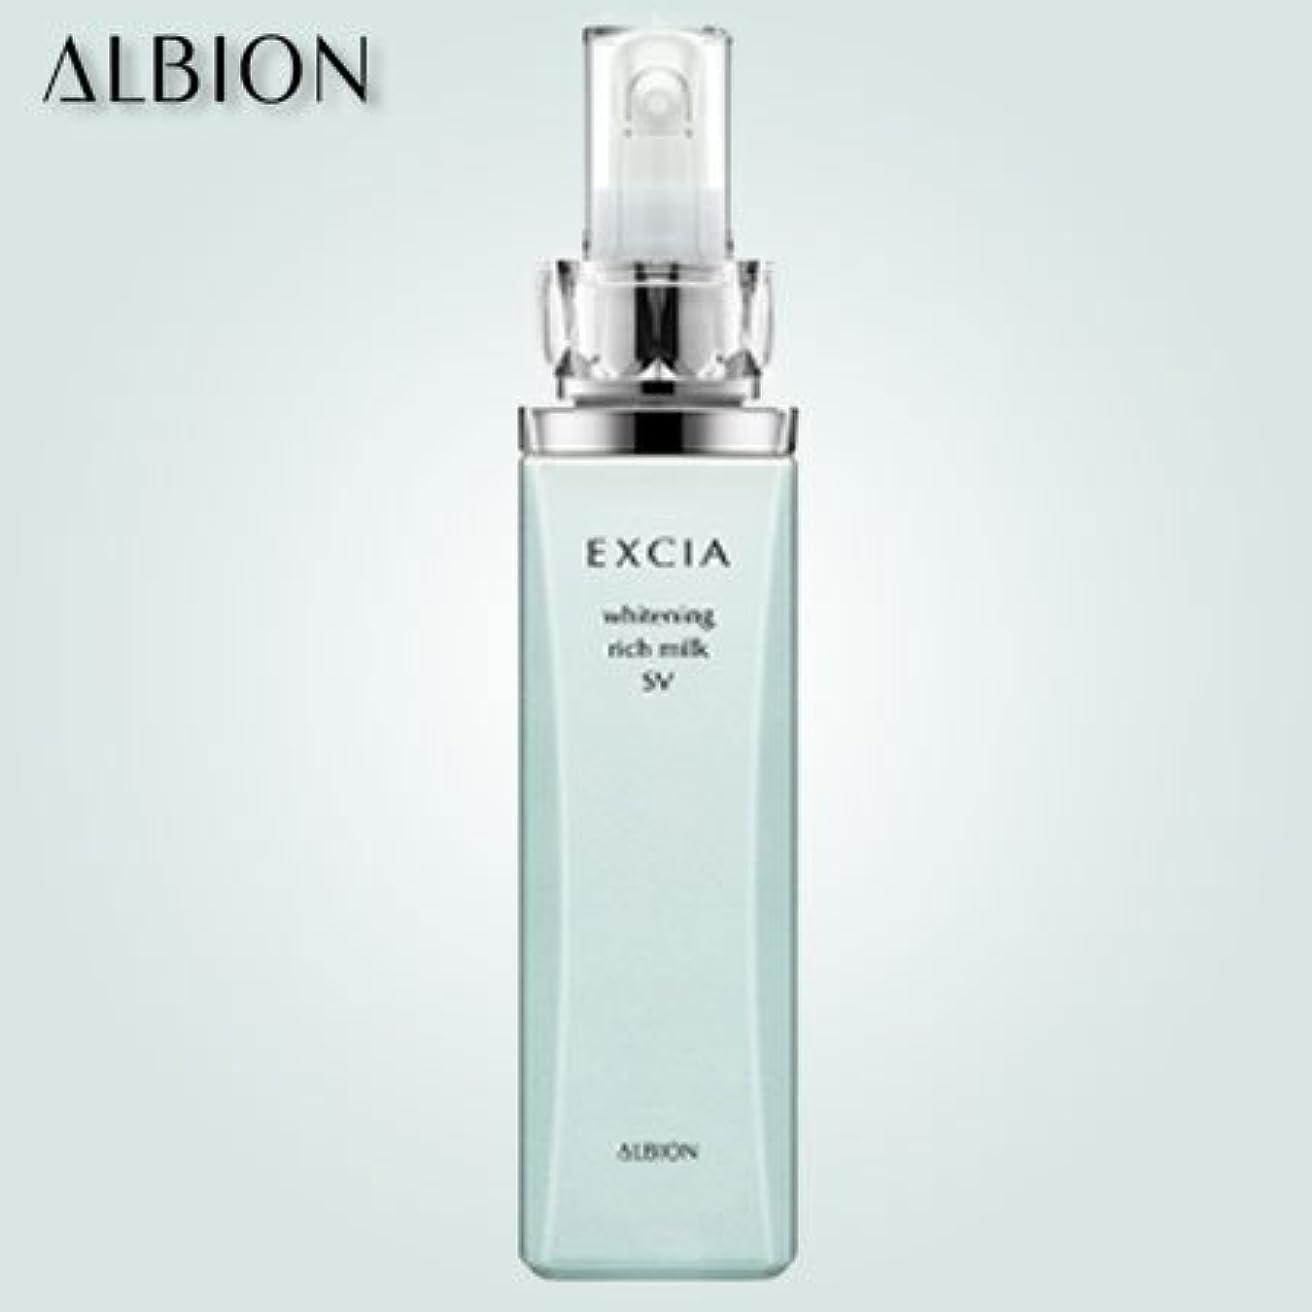 交換スケルトン健全アルビオン エクシアAL ホワイトニング エクストラリッチミルク SV(ノーマル~ドライスキン用)200g-ALBION-